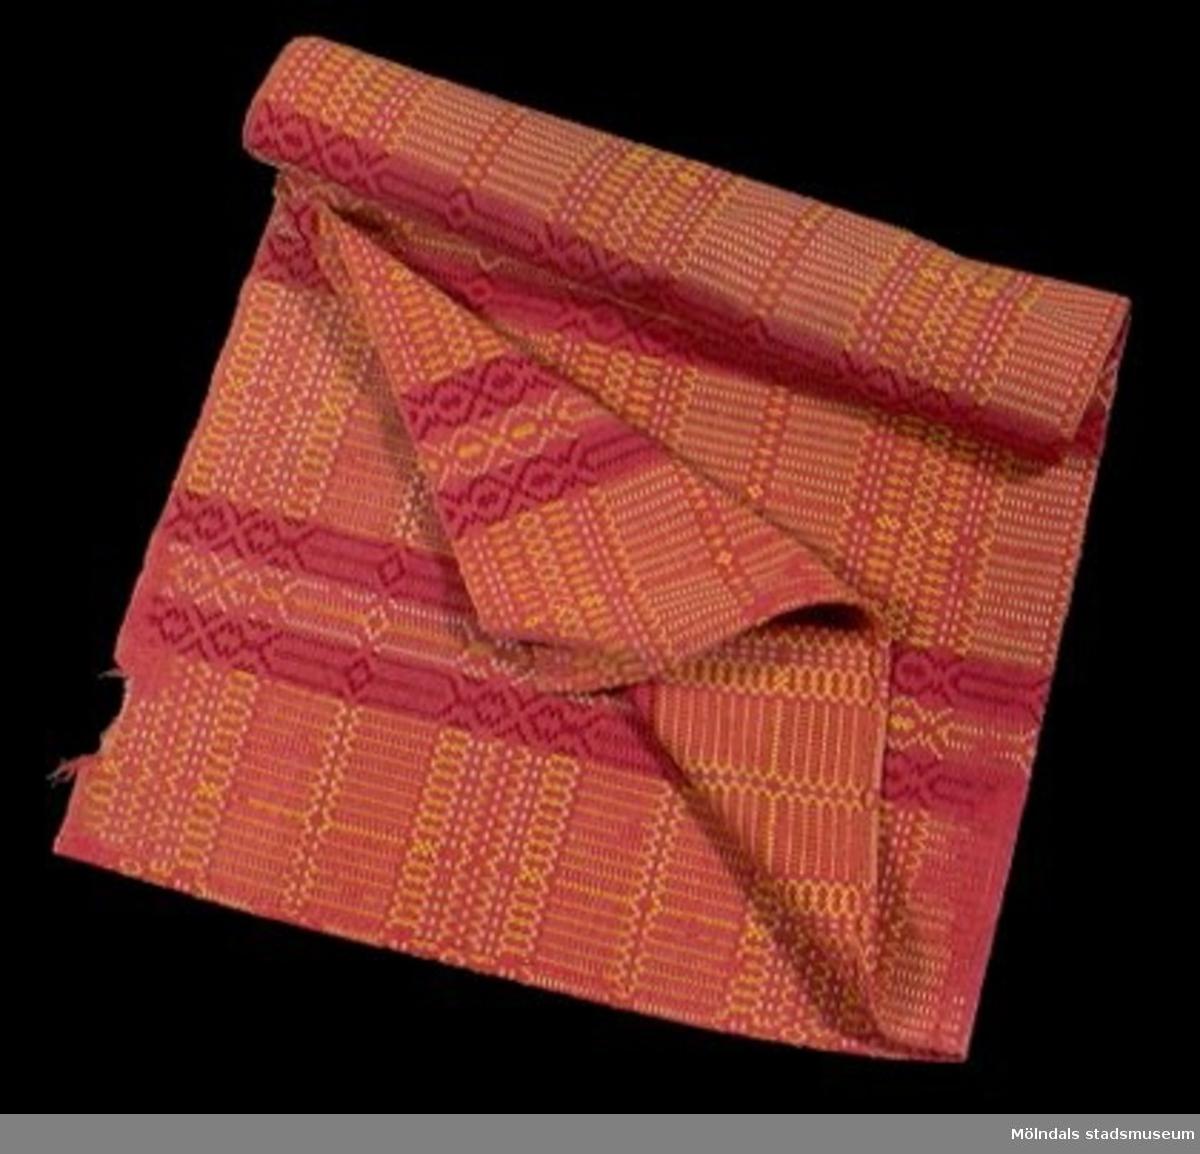 Vävt i två stycken, ihopsydda. Röd botten med gult och rött mönster. Tuskaft. Bottenväv lingarn, mönsterinslag ullgarn.